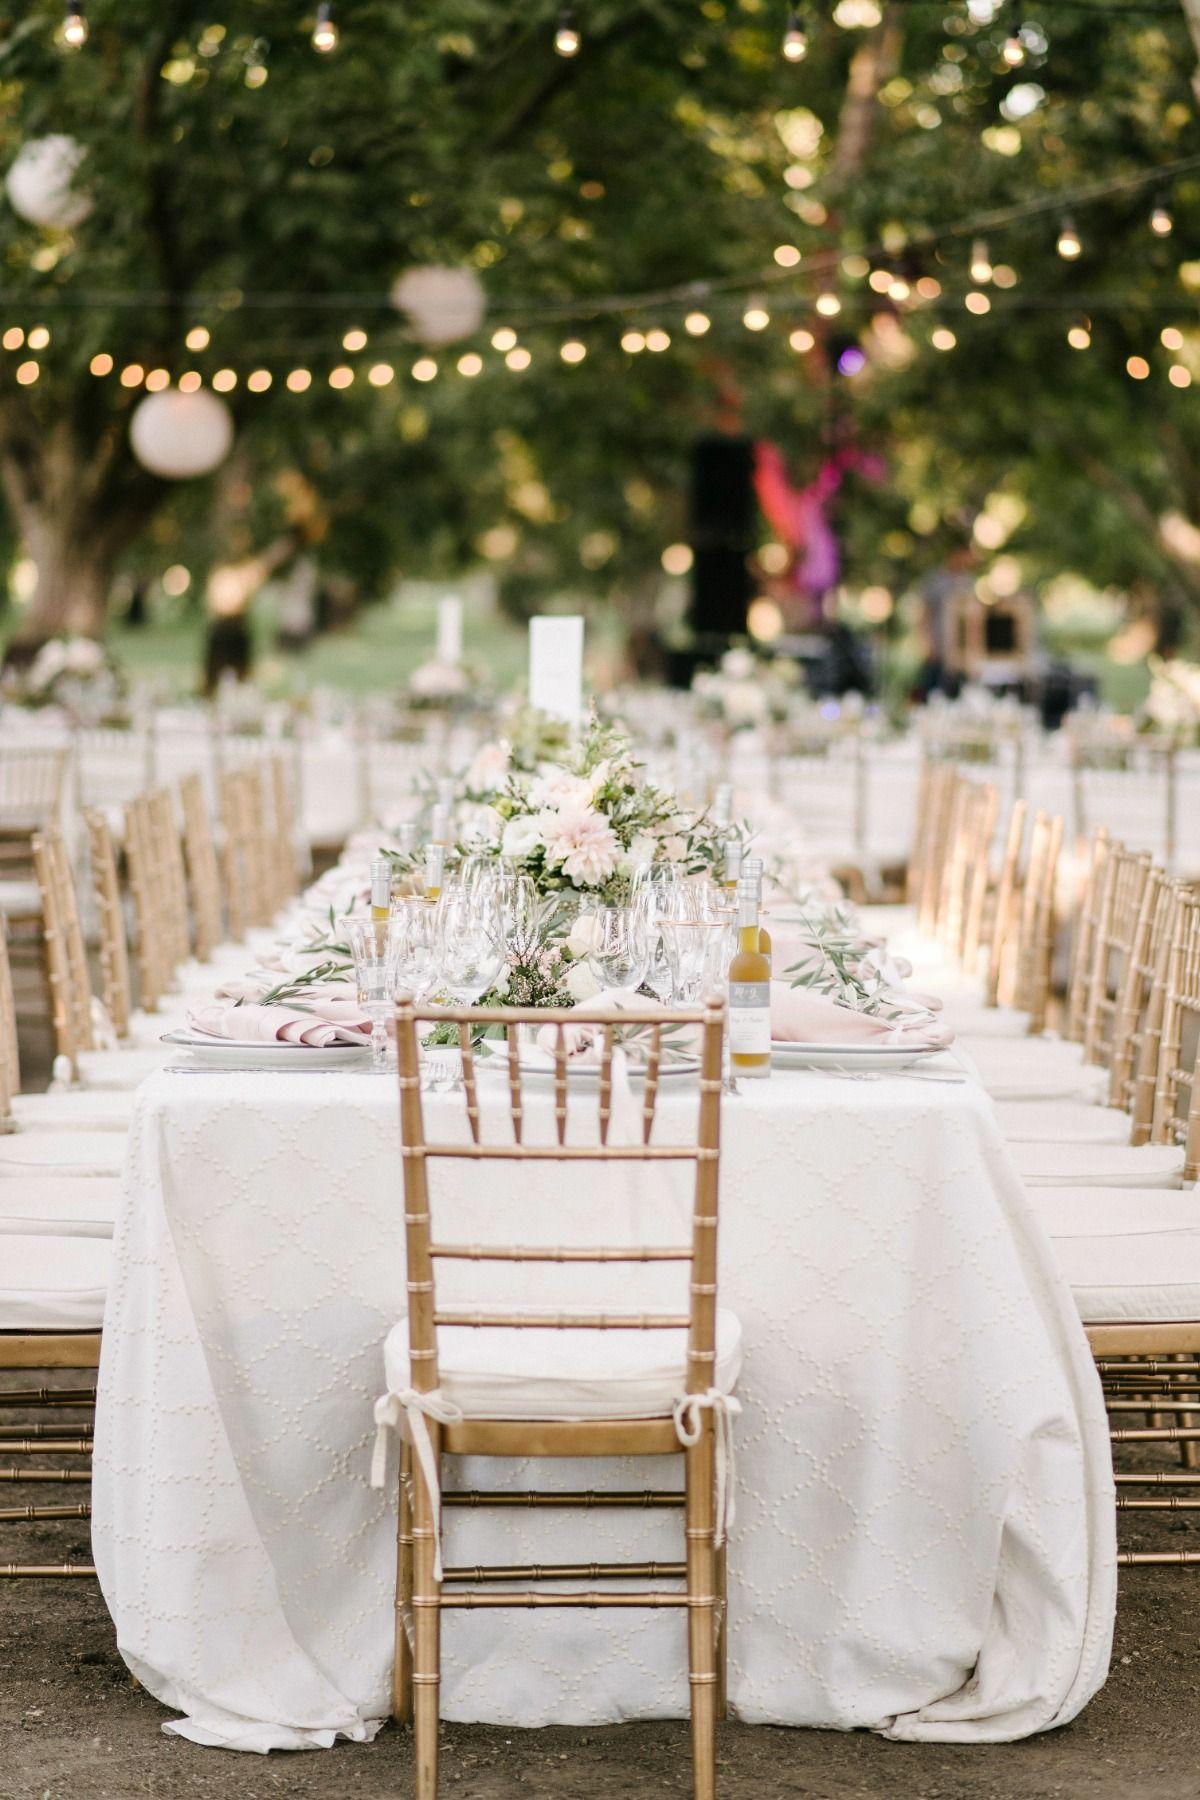 Maya Graham Private Outdoor Wedding Outdoor Wedding Wedding Chalk Wedding Chalk Art